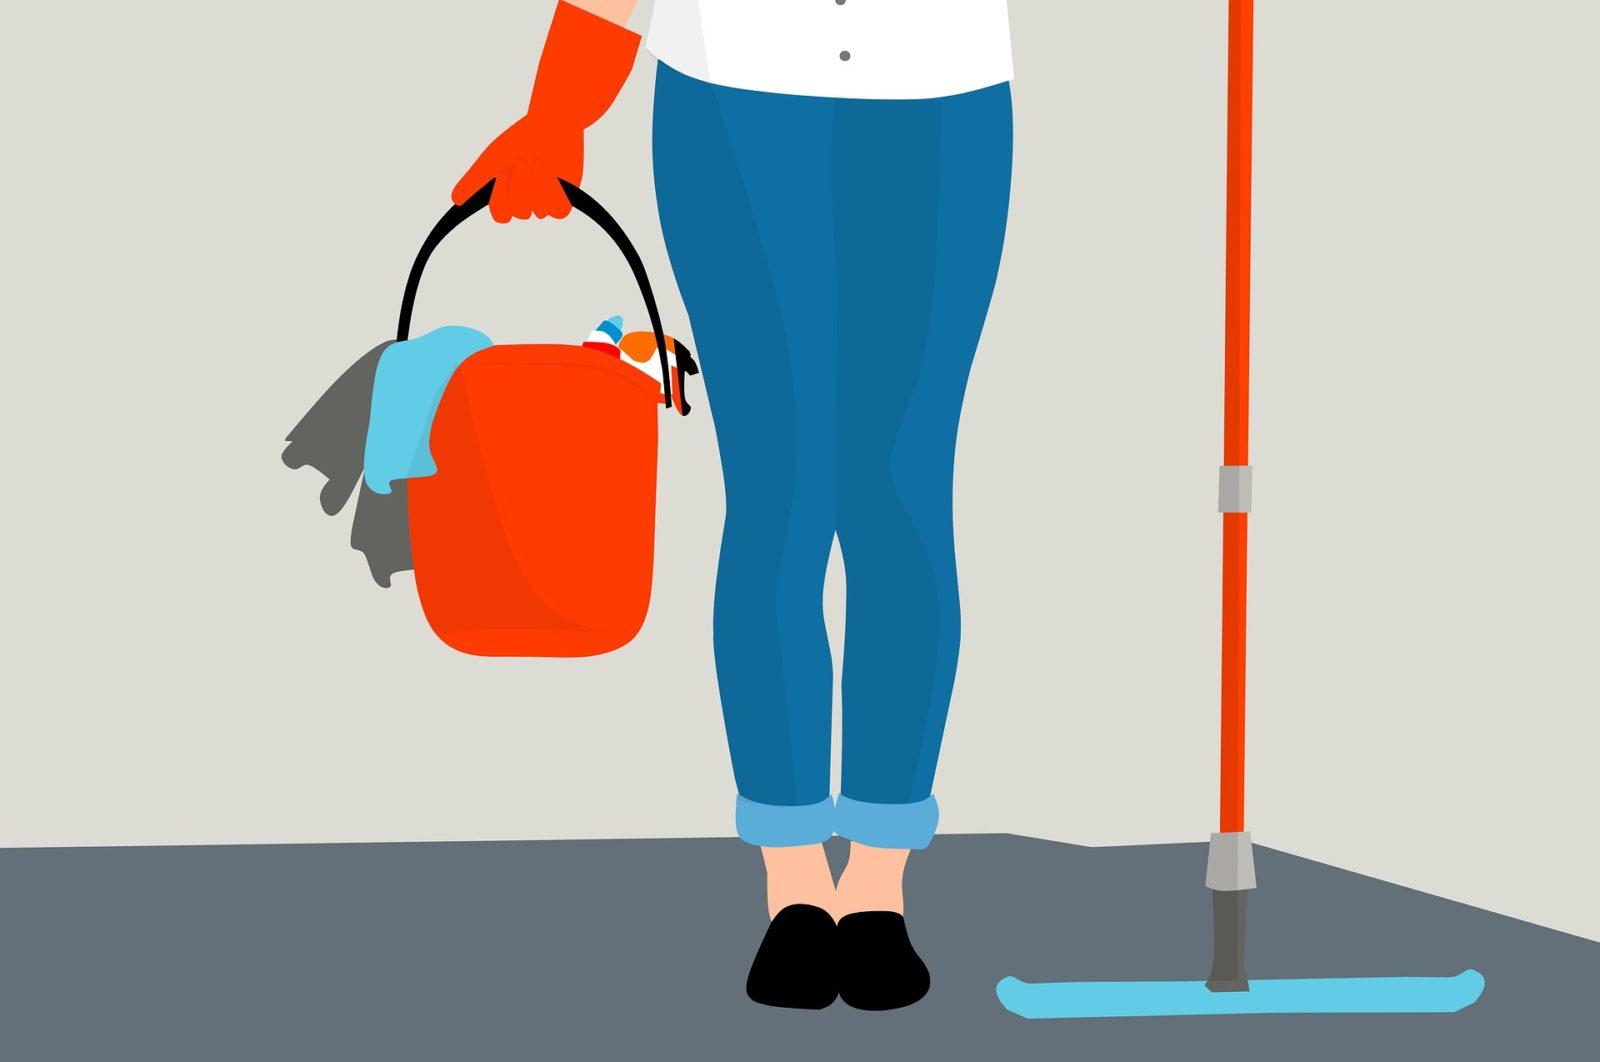 Housekeeping 4594891 1920